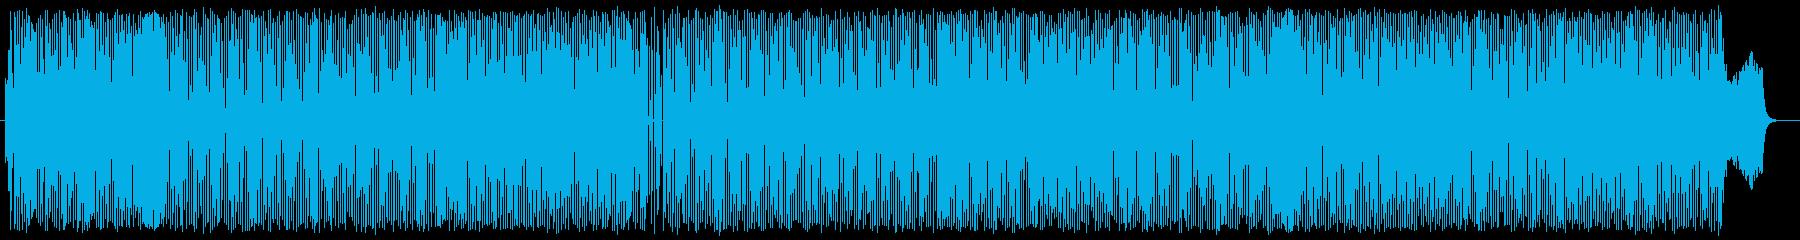 ハーモニカとピアノ哀愁レゲエの再生済みの波形